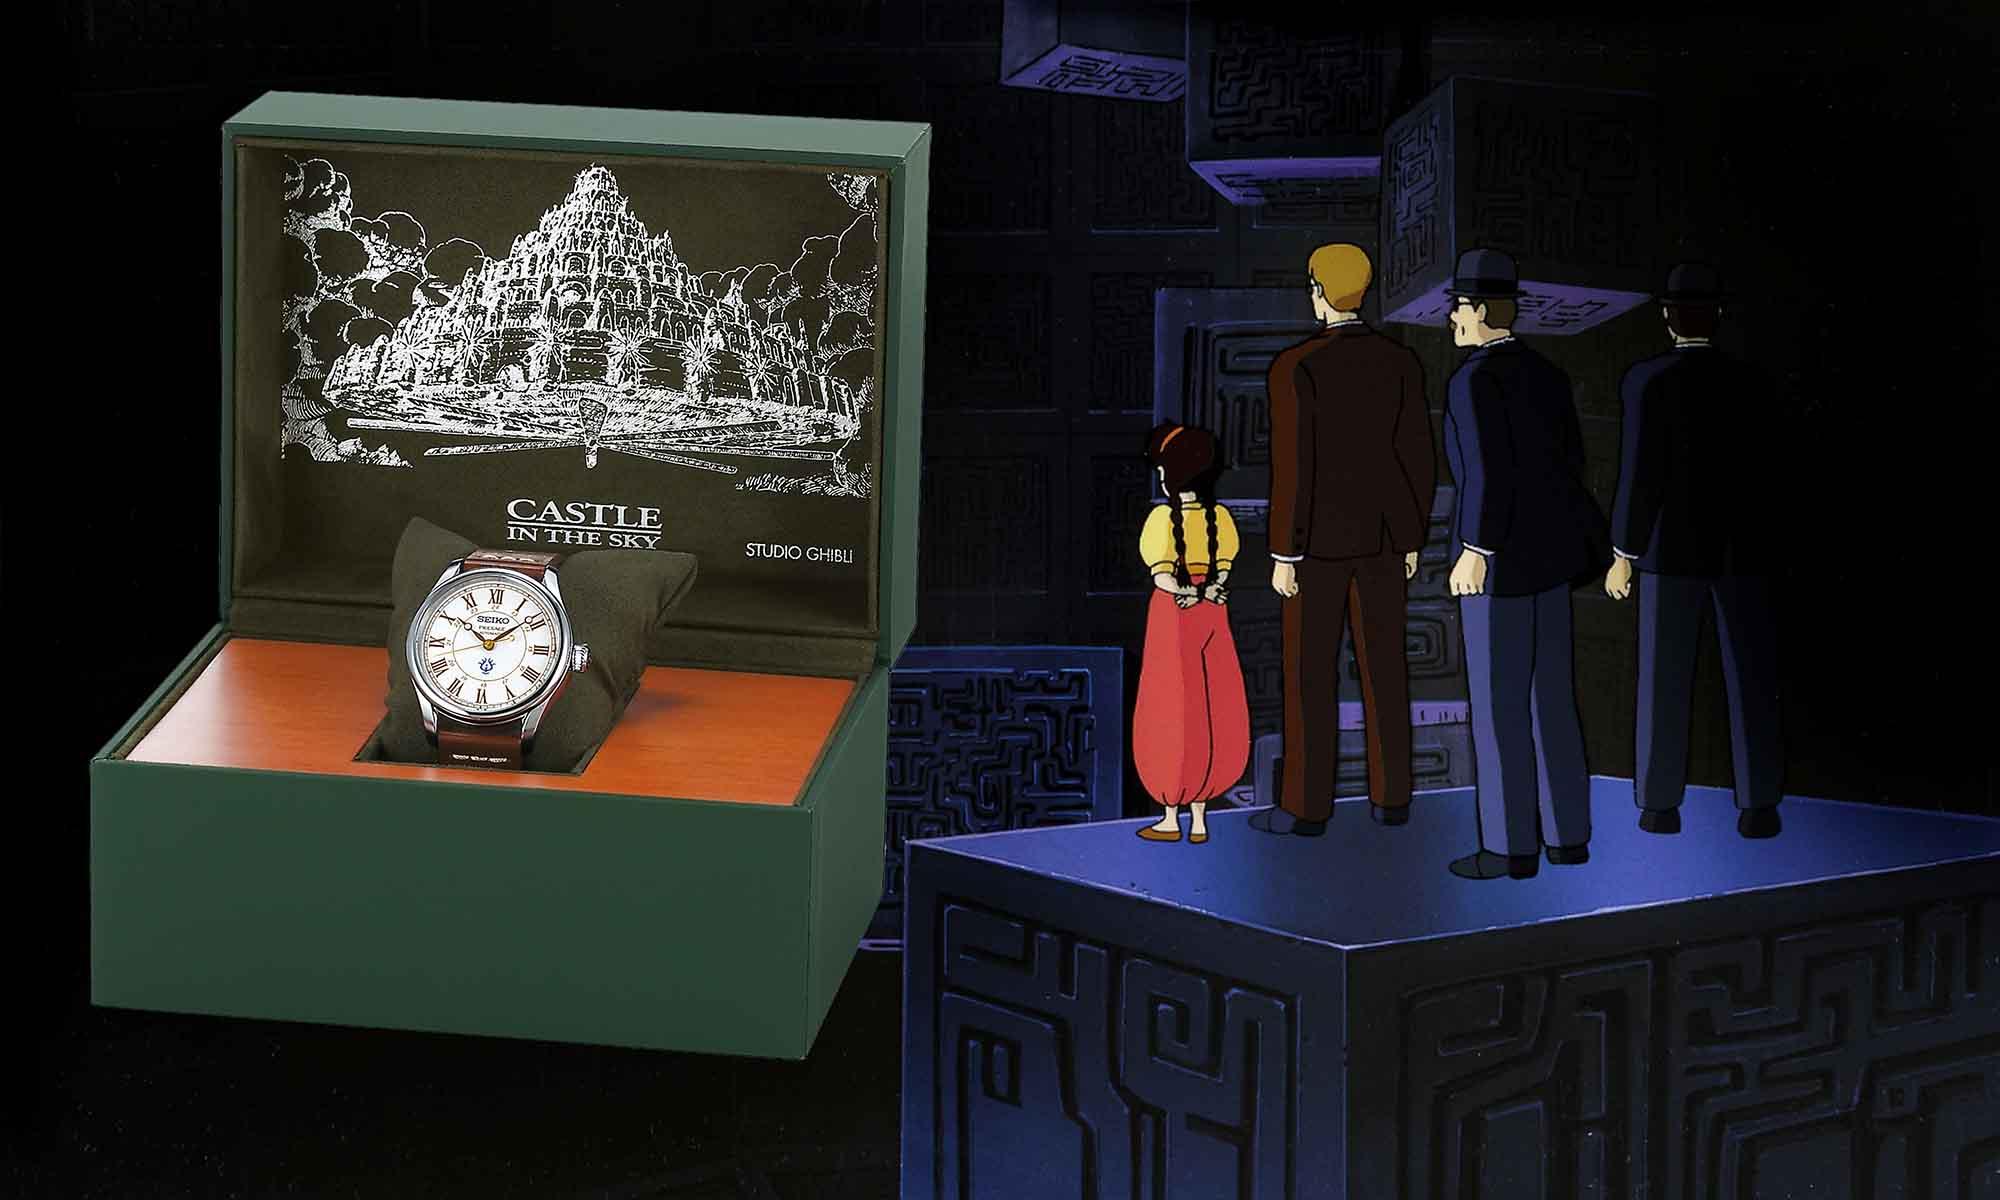 Presage Ghibli Castle in The Sky SPB215